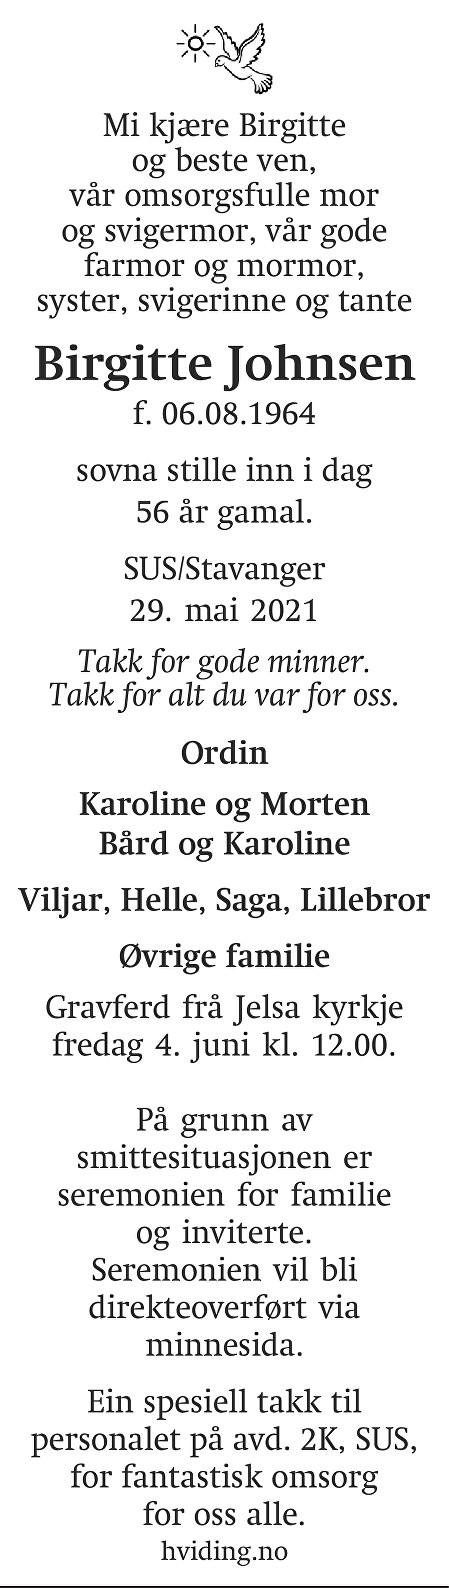 Birgitte Johnsen Dødsannonse